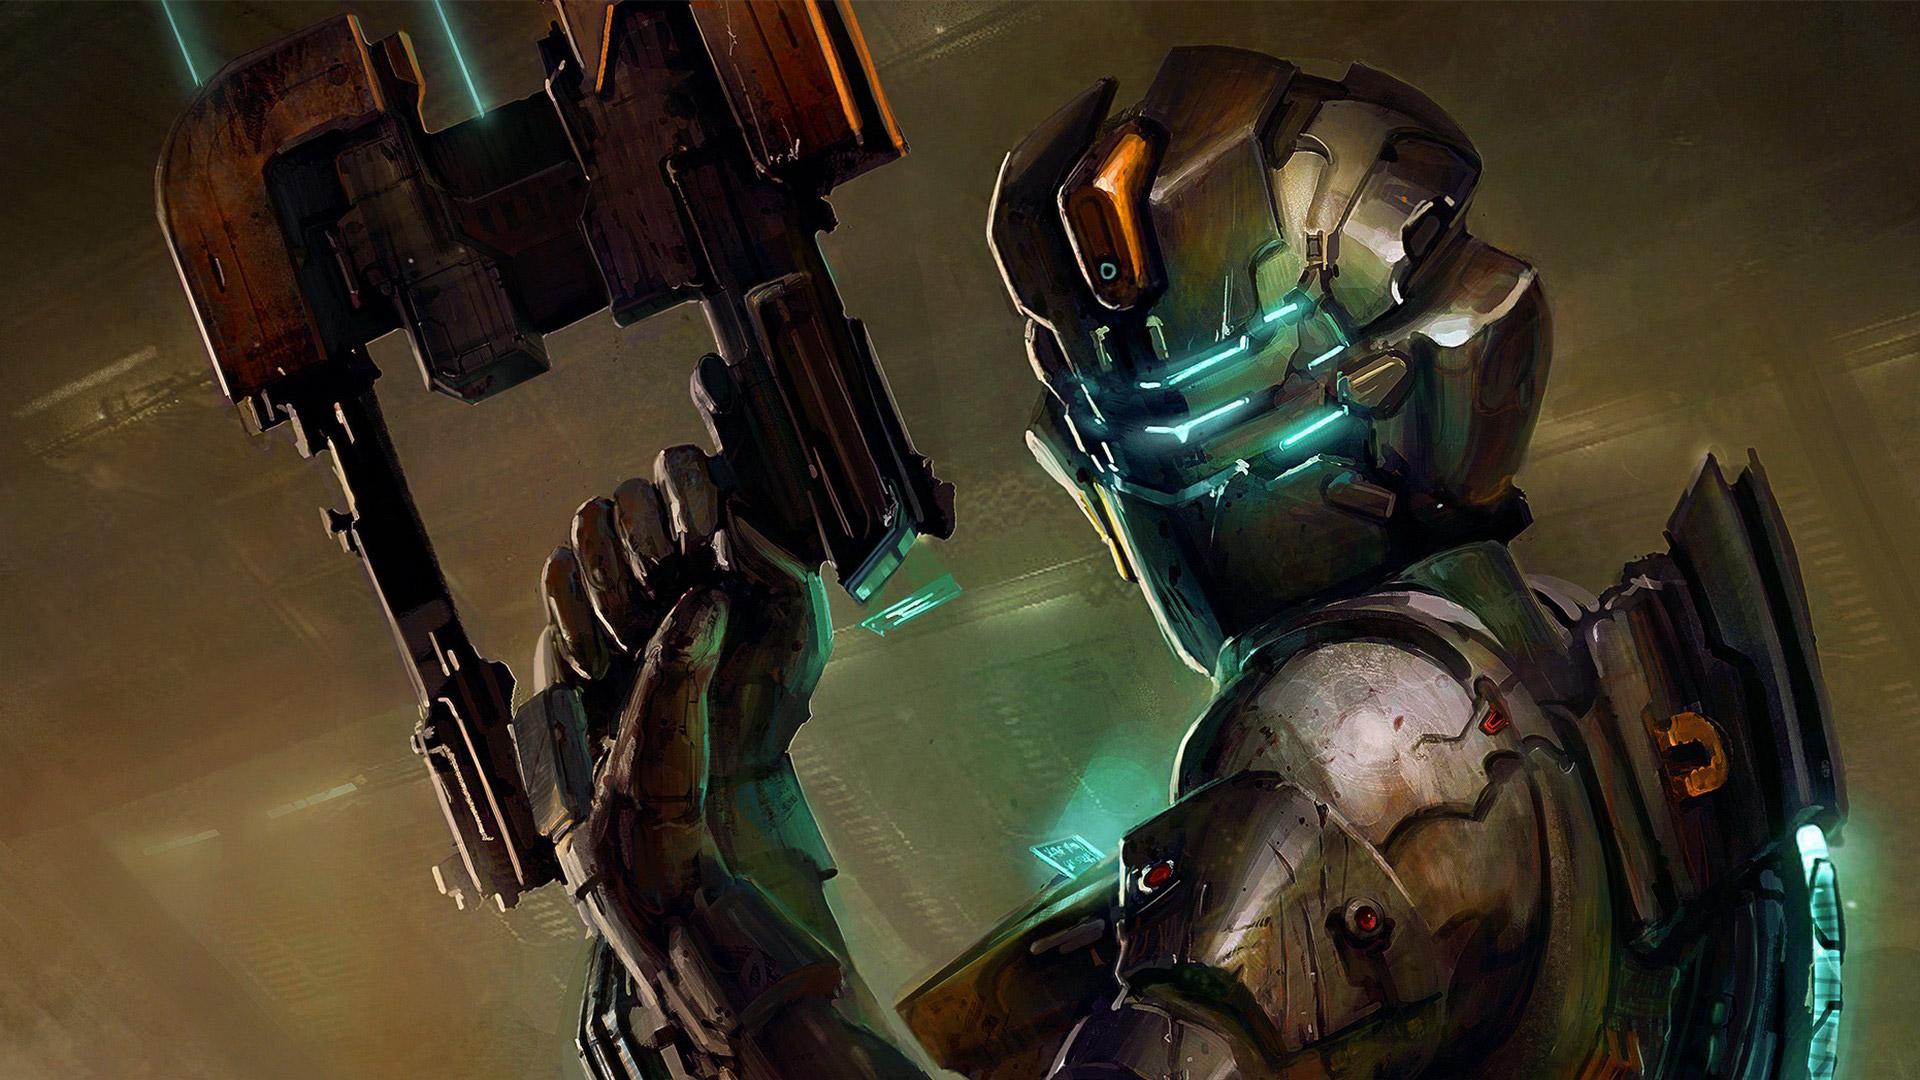 Gameplay: seguimos adiante no horror de Dead Space 2